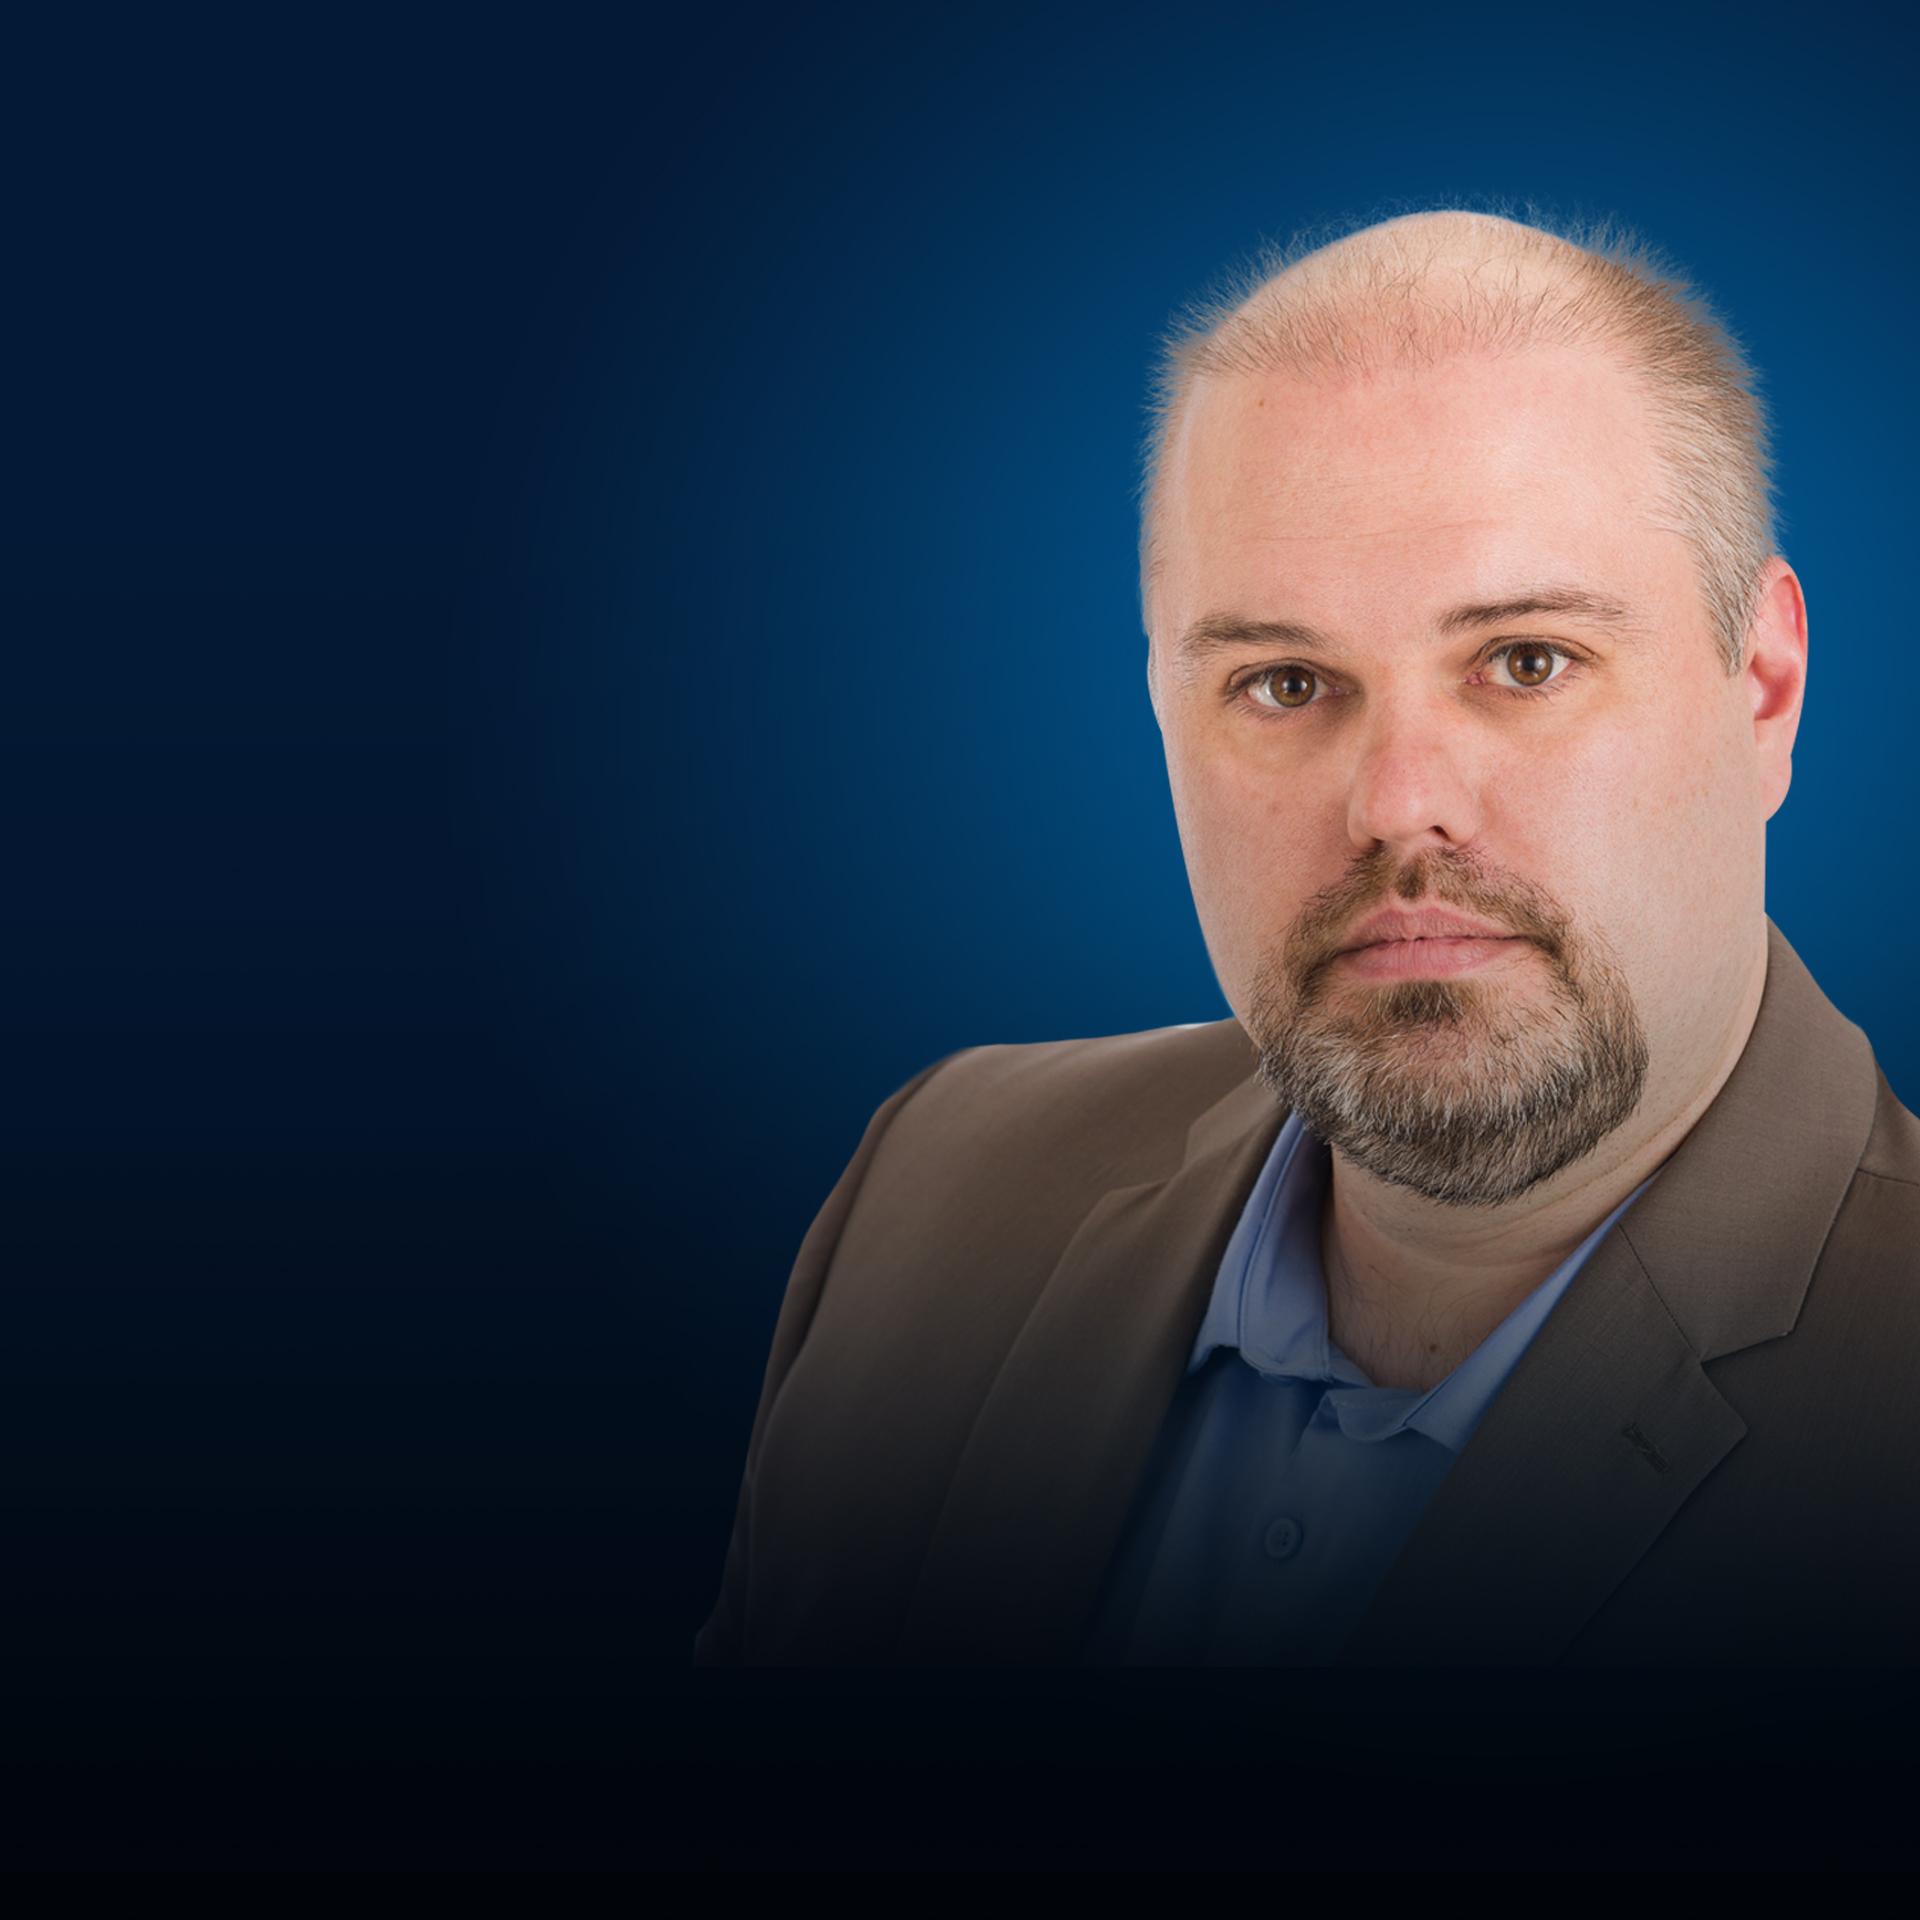 Mornings on Canada Talks with Matt Gurney